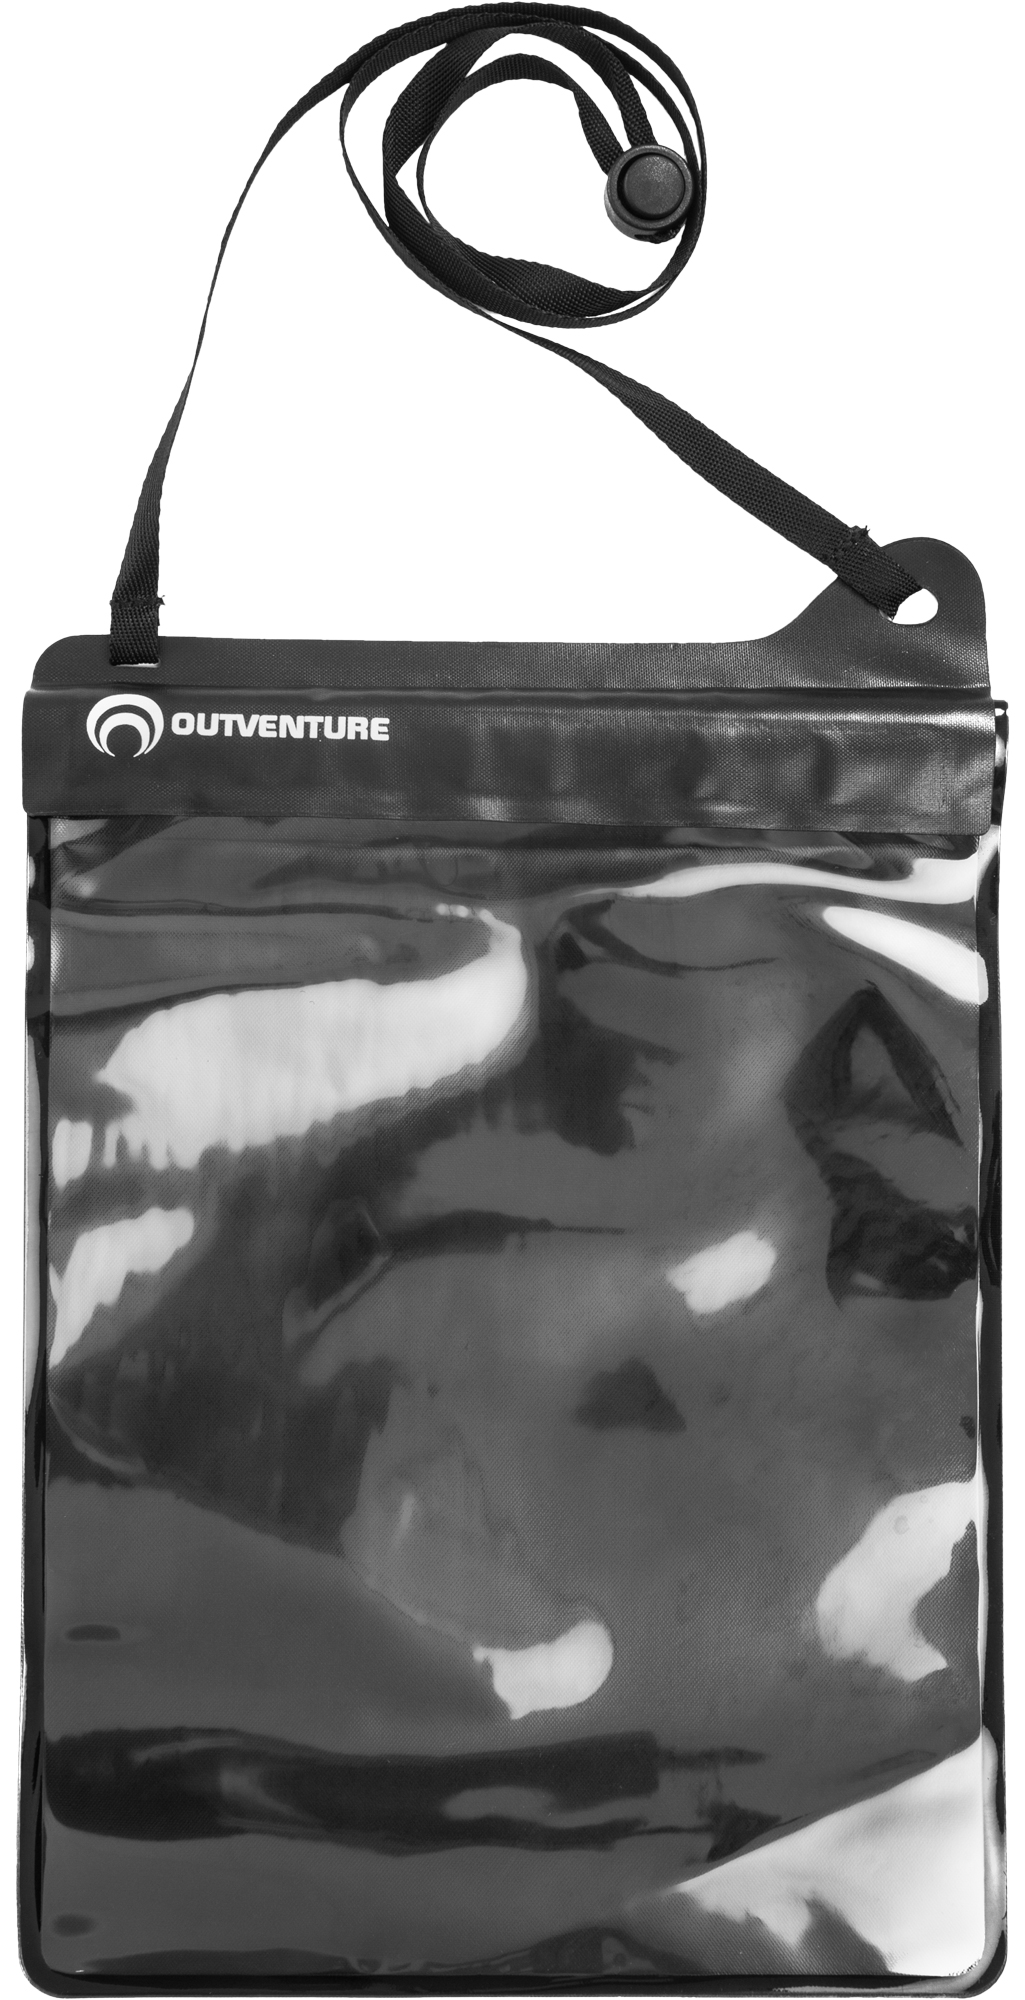 Outventure Чехол водонепроницаемый для мини-планшета Outventure цена и фото